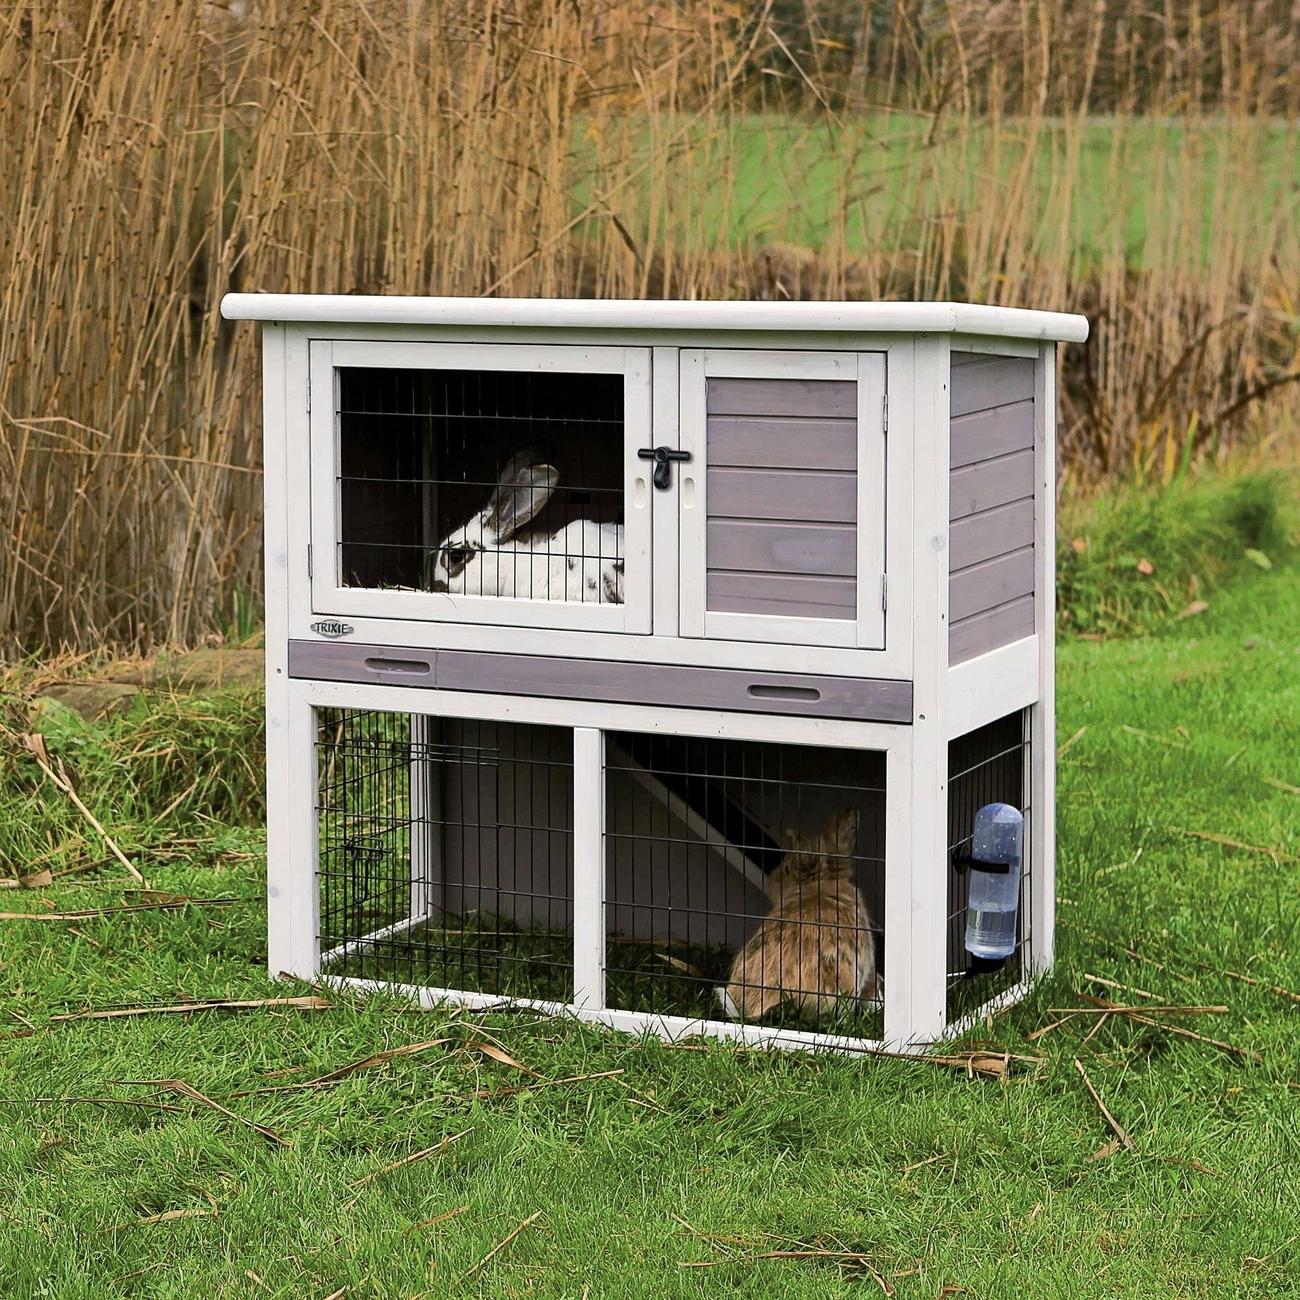 trixie natura kleintierstall mit freilaufgehege grau wei. Black Bedroom Furniture Sets. Home Design Ideas